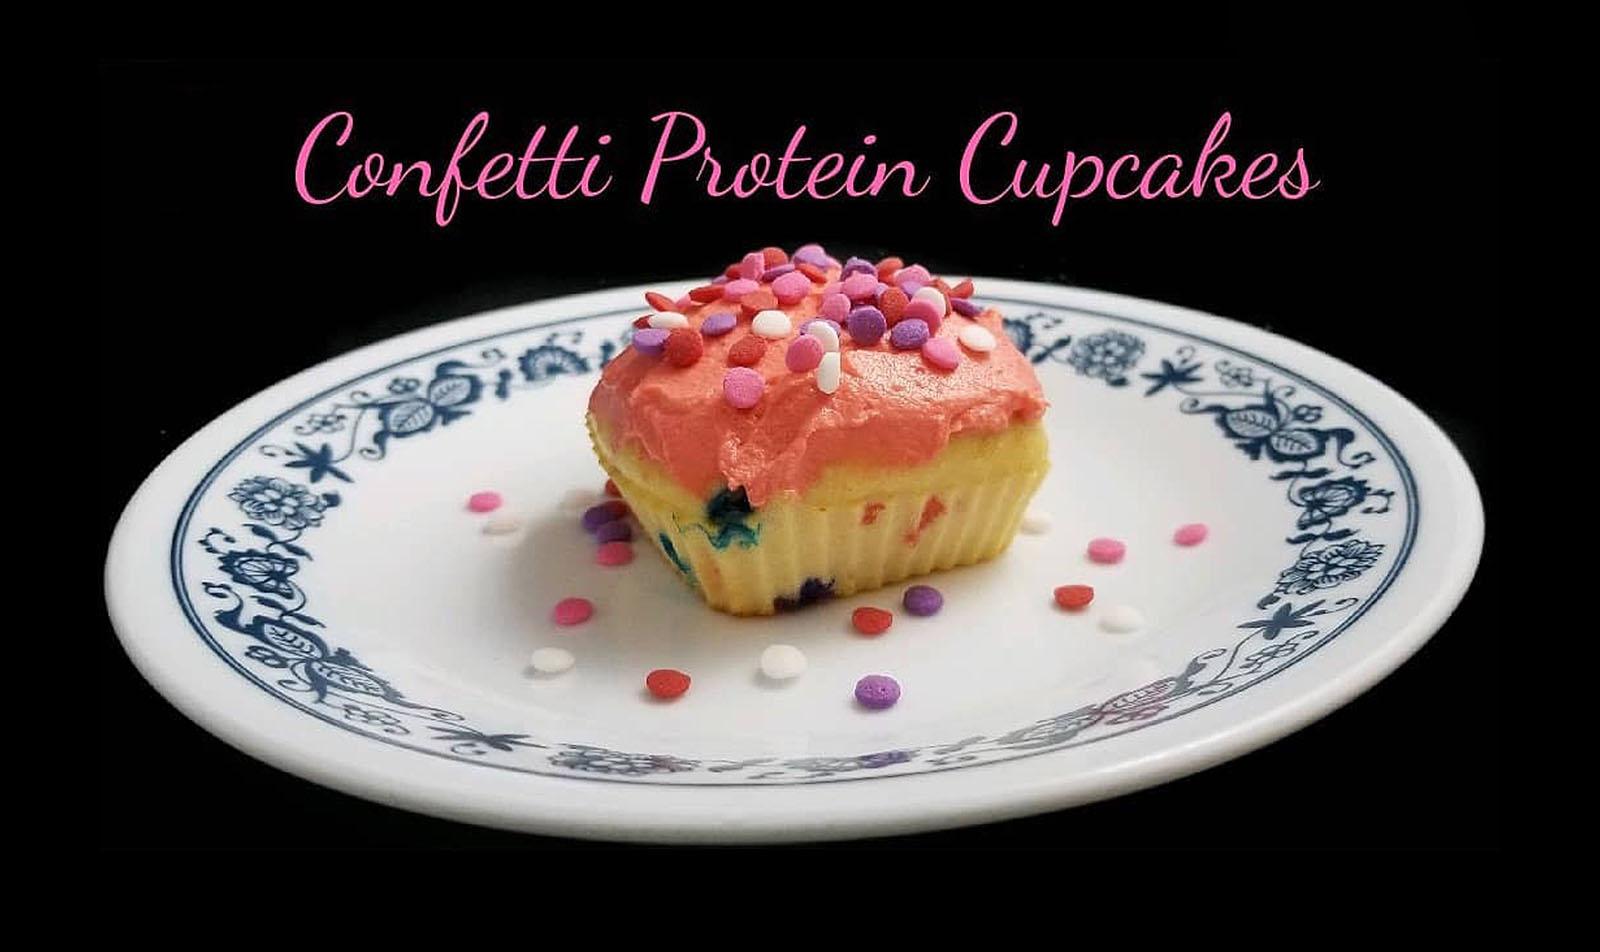 Confetti Protein Cupcakes